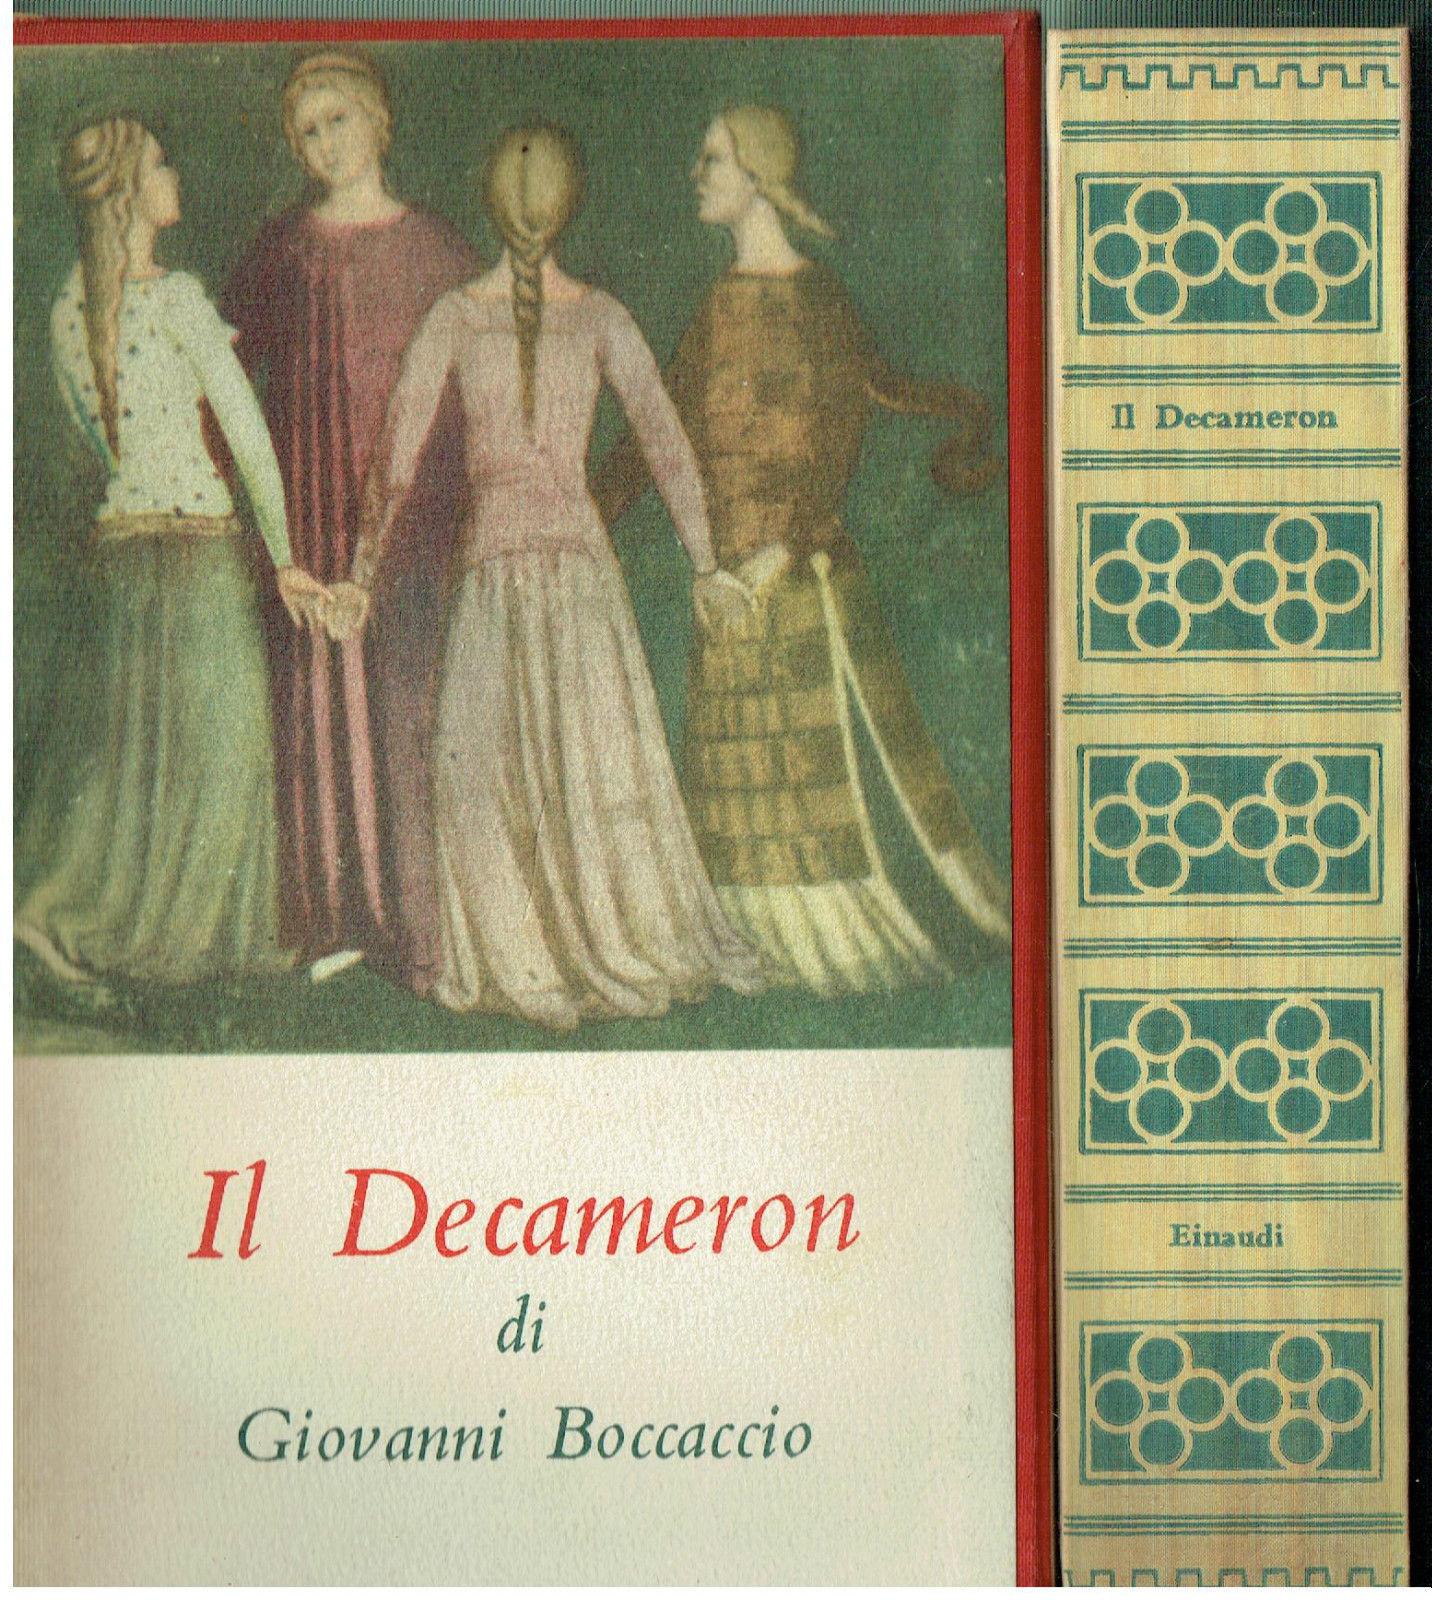 Il Decameron di Giovanni Boccaccio – Edizione Einaudi 1950